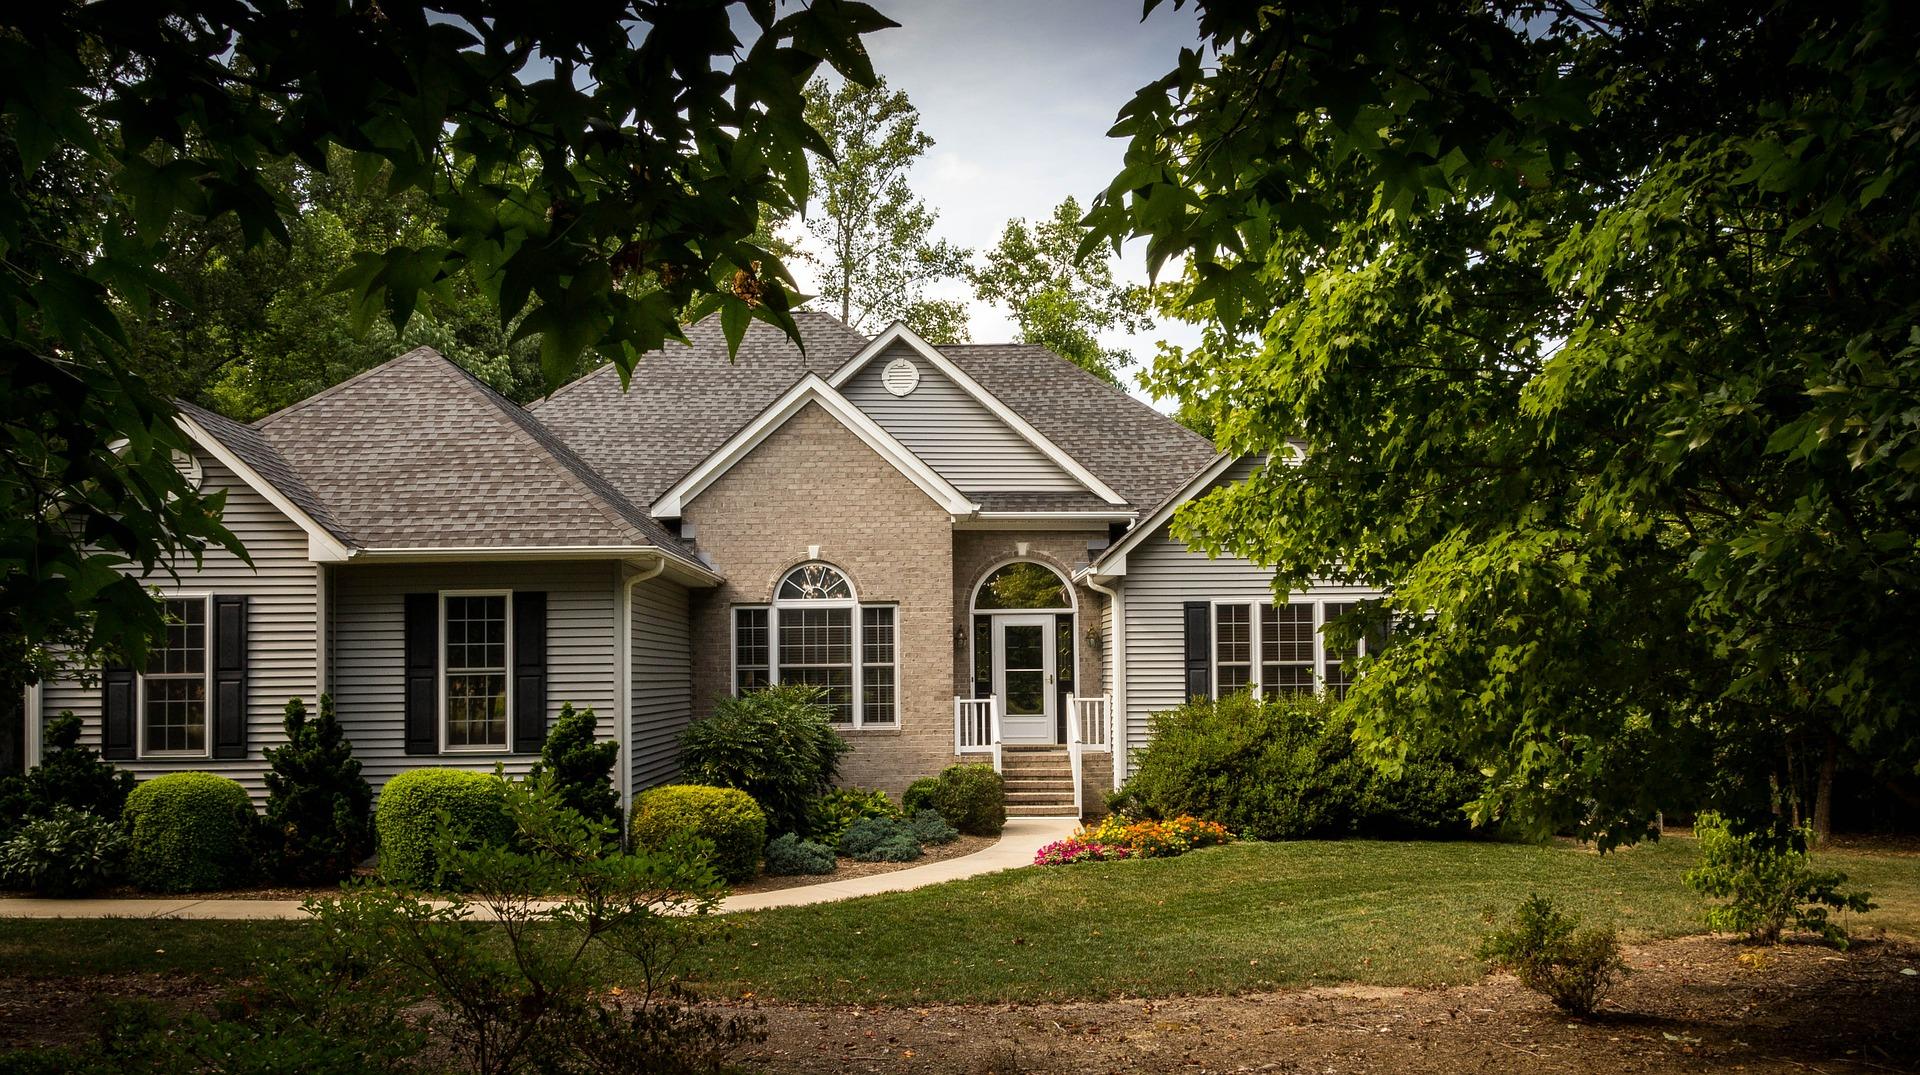 Top 5 Ways To Transform Your Homeu0027s Exterior Good Looking